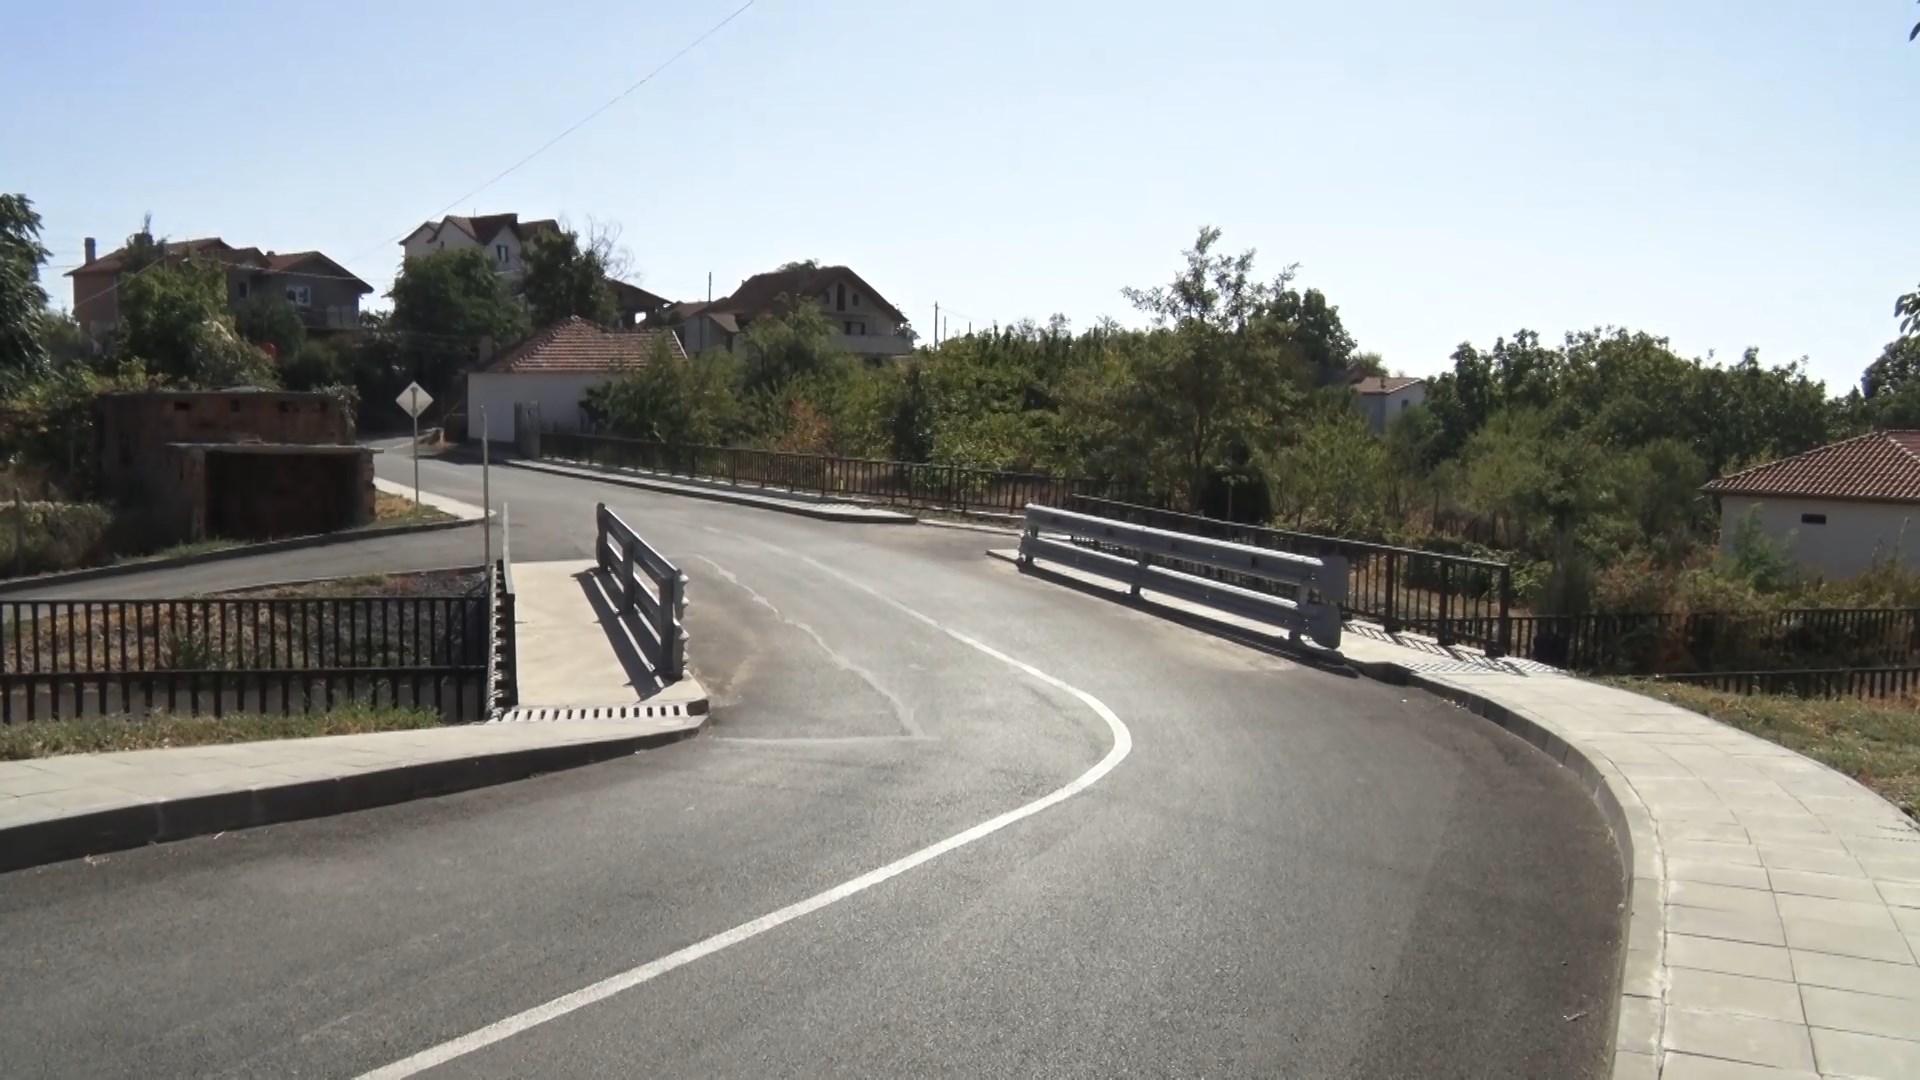 Нов мост в Сливен  е връзка между два квартала в района